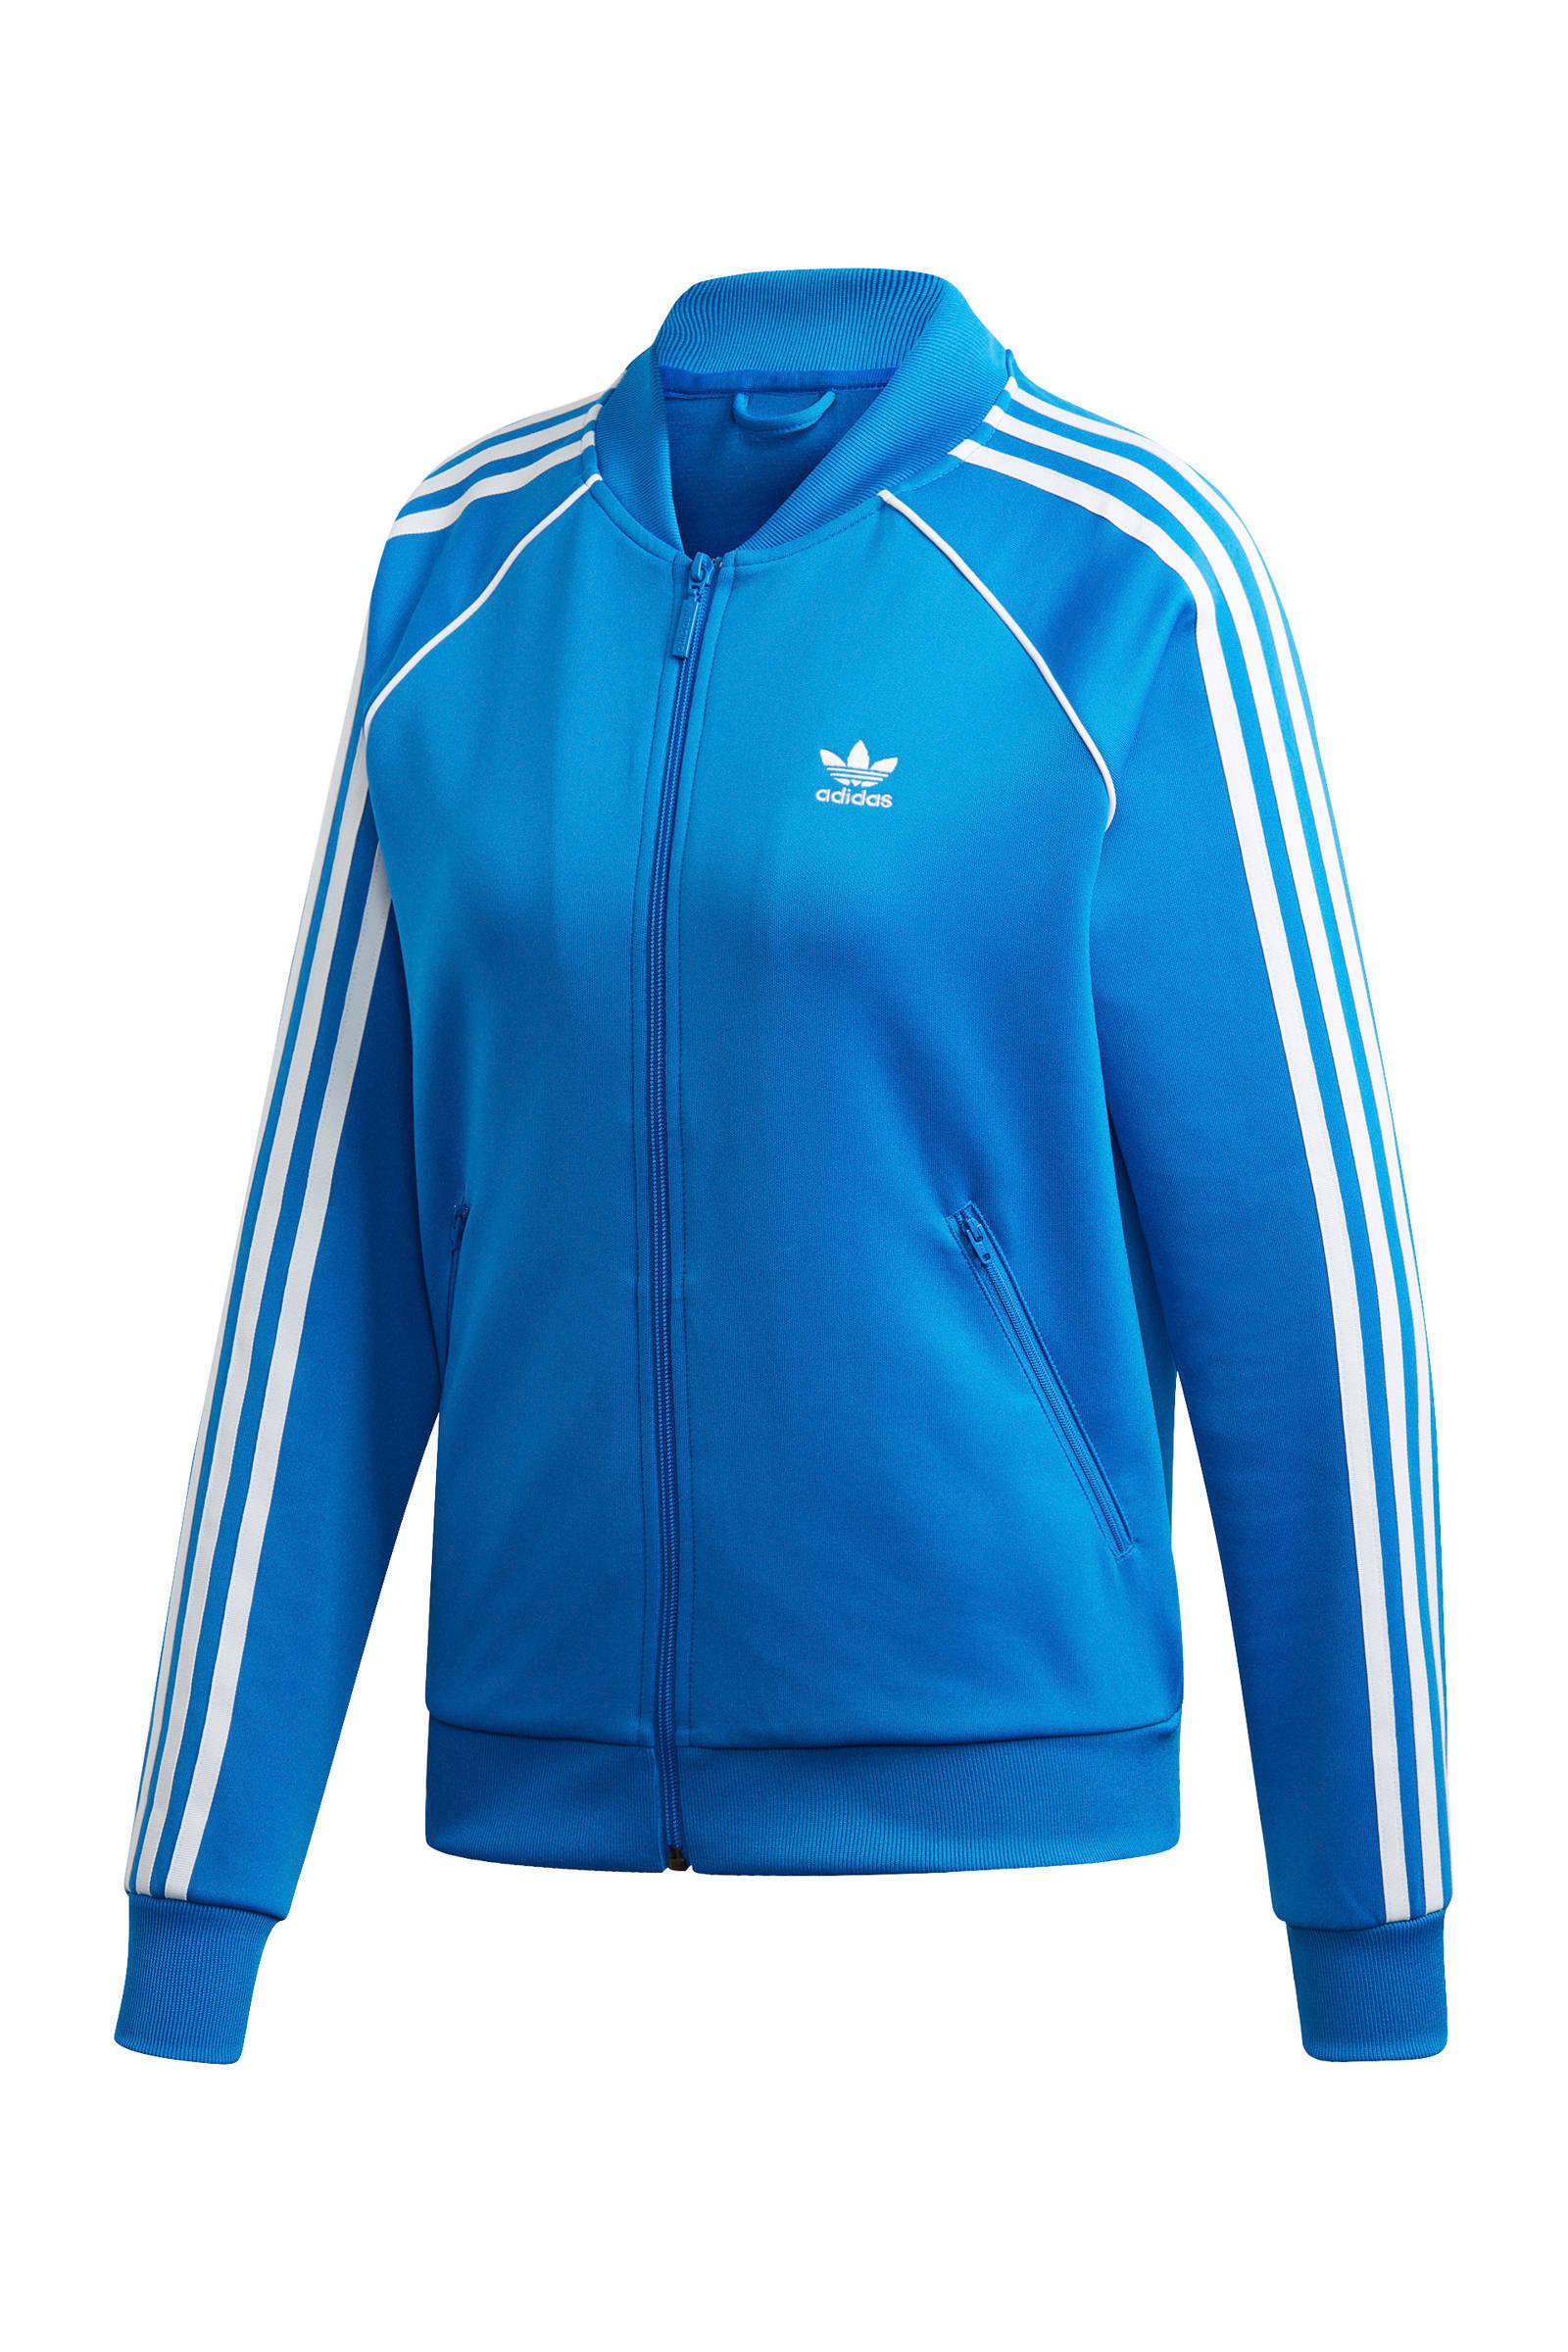 adidas Originals Adicolor vest blauw | wehkamp